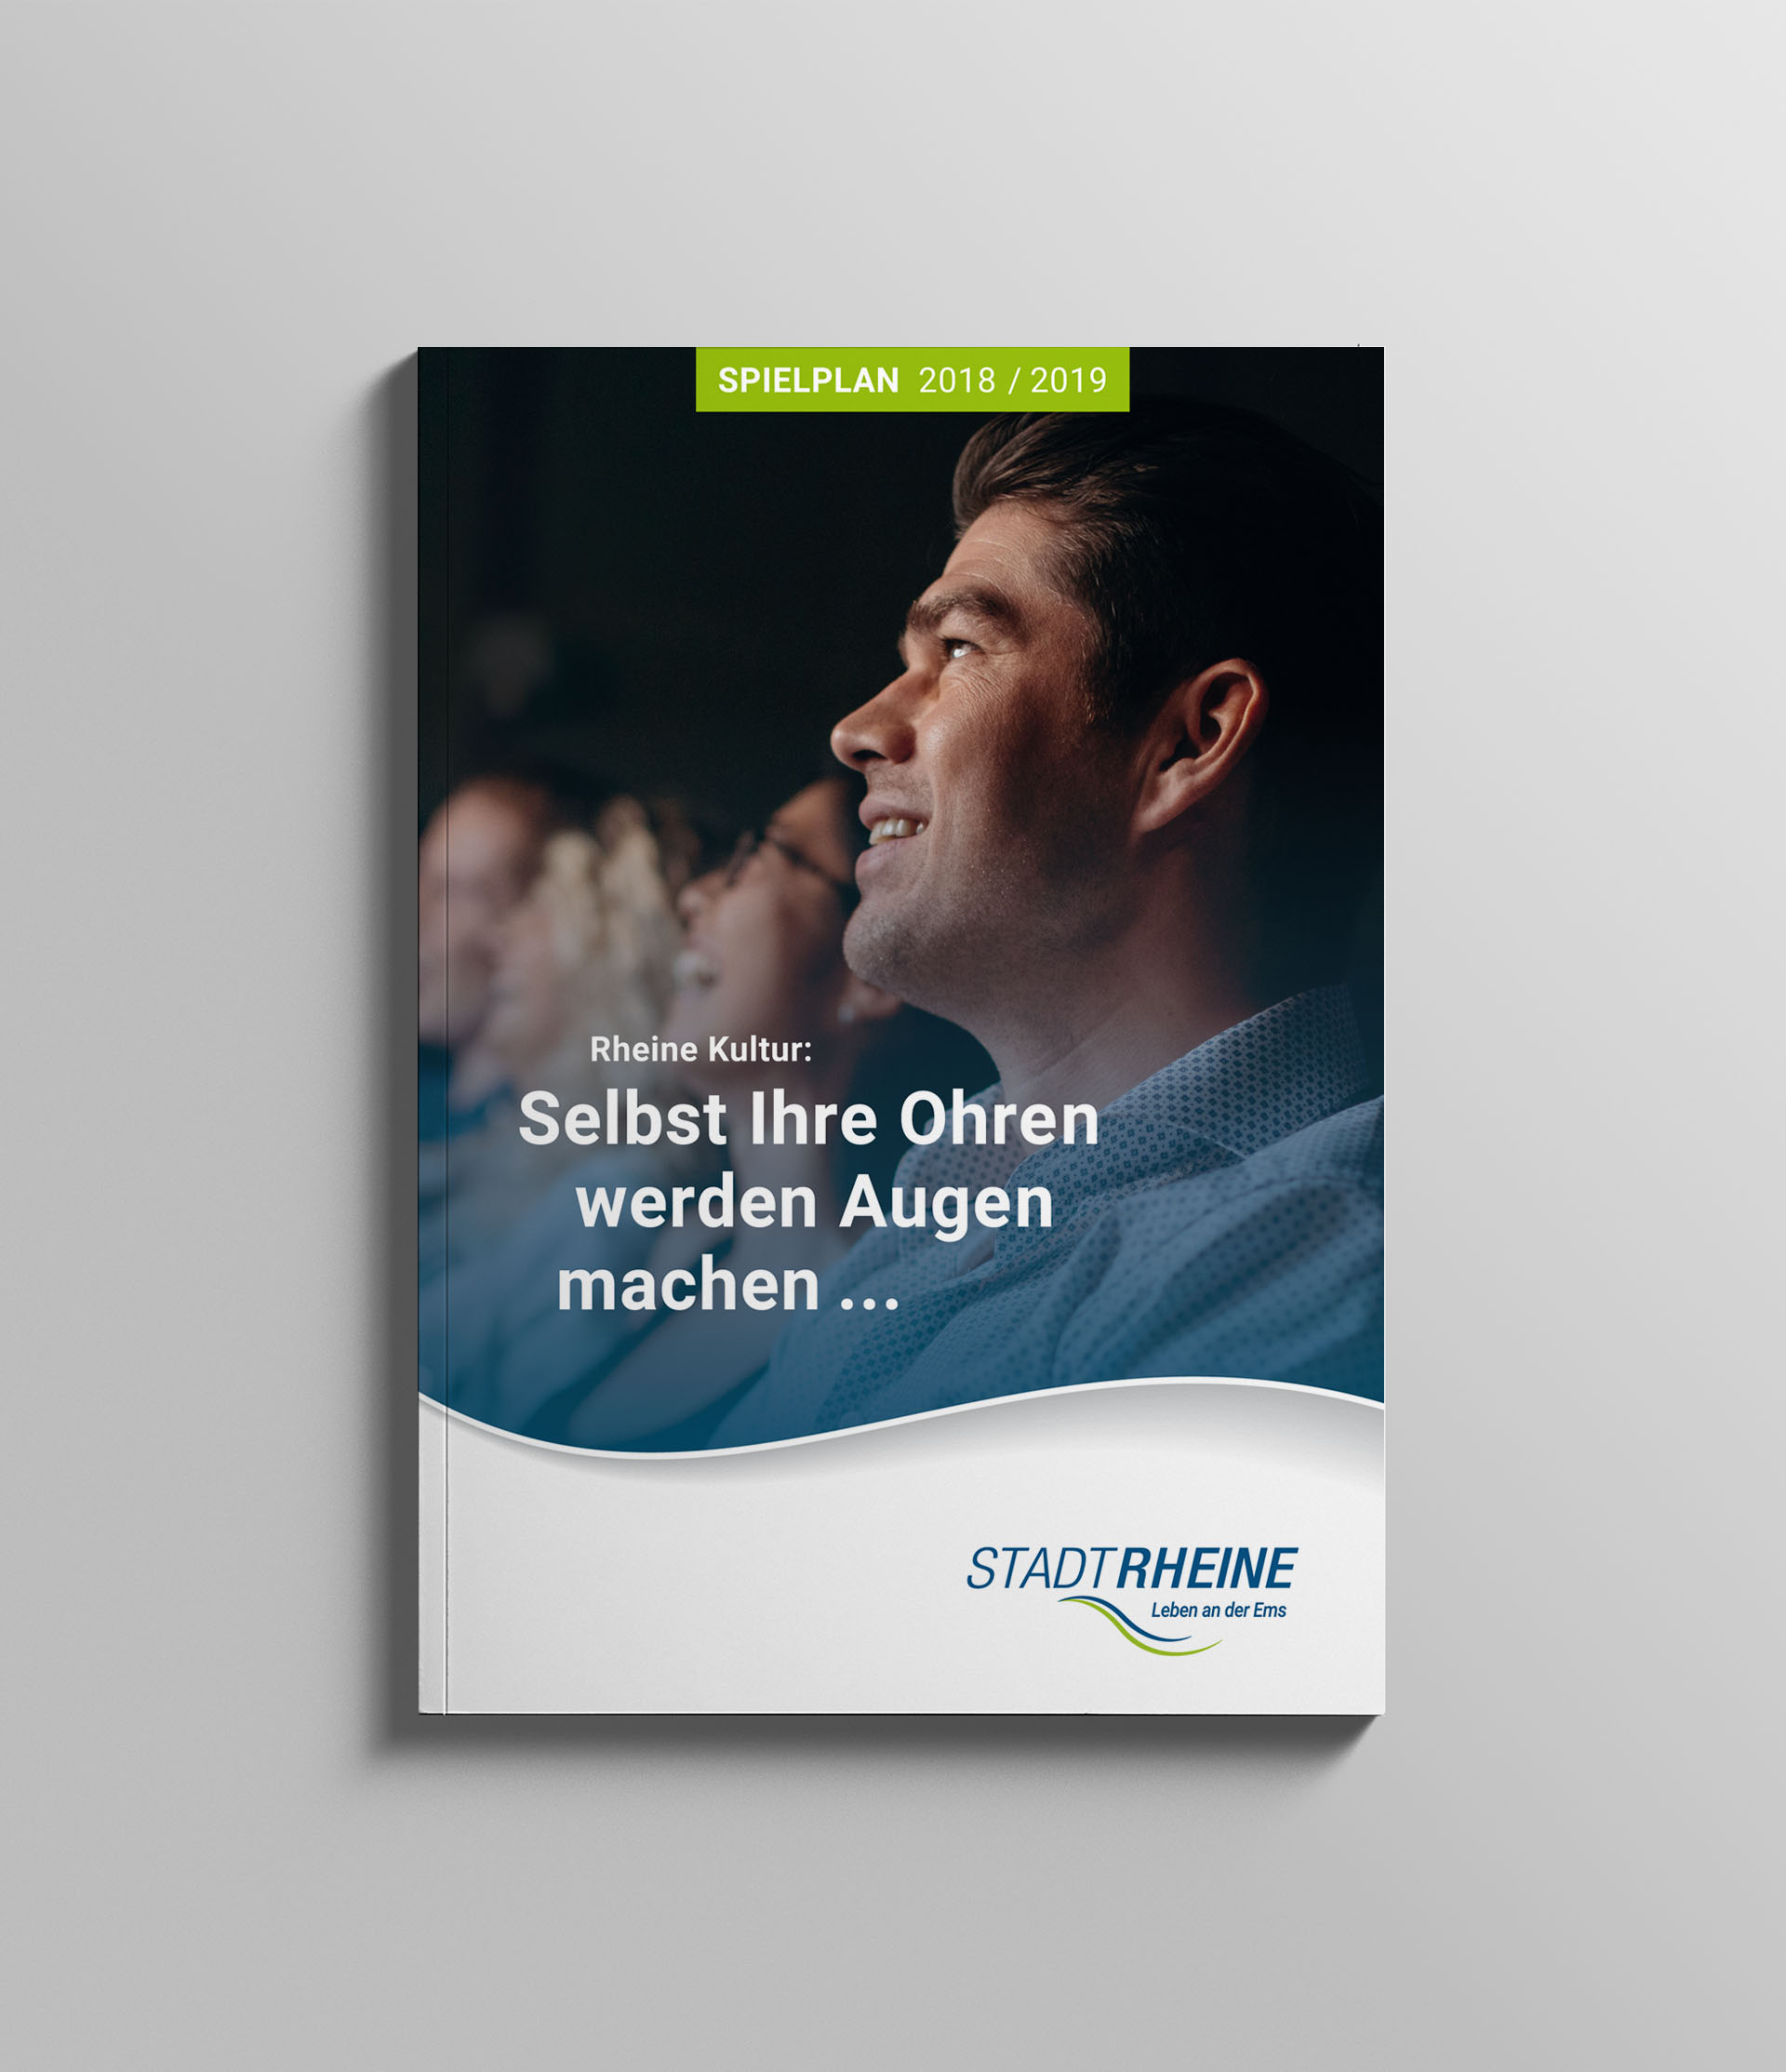 Titelseite des neu gestalteten Spielplans für die Stadt Rheine